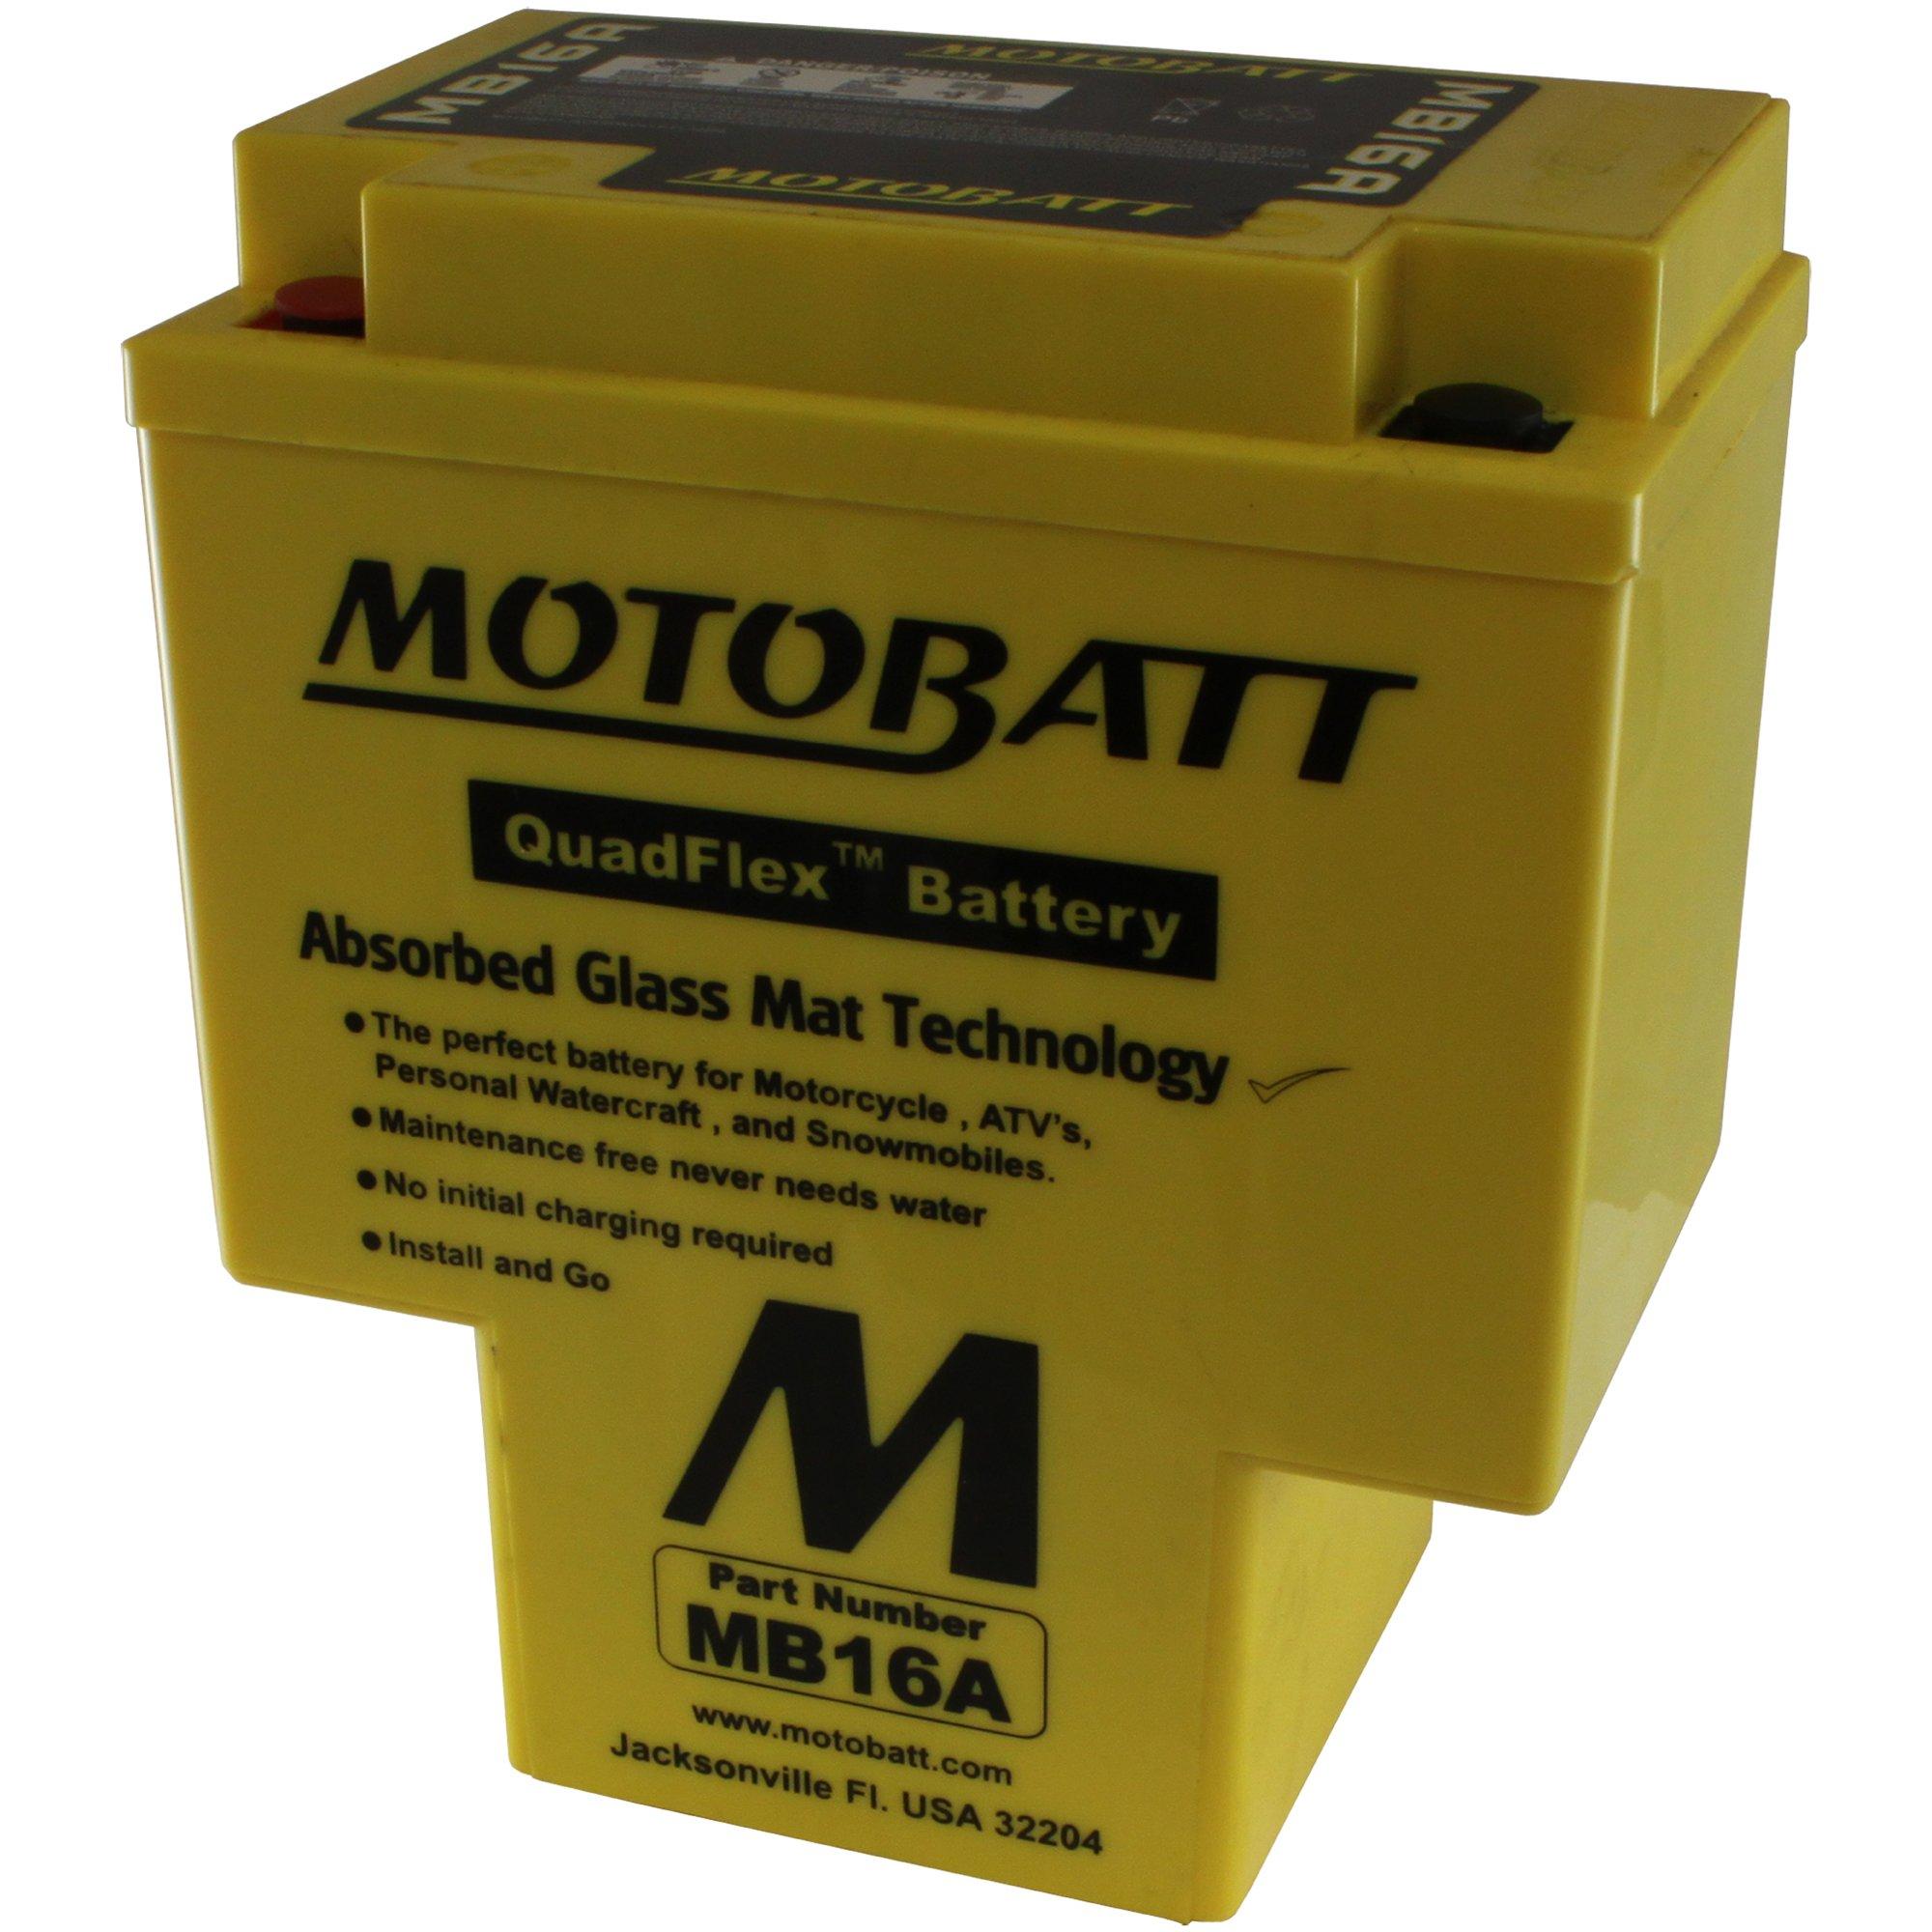 MotoBatt MB16A (12V 19 Amp) 200CCA Factory Activated QuadFlex AGM Battery